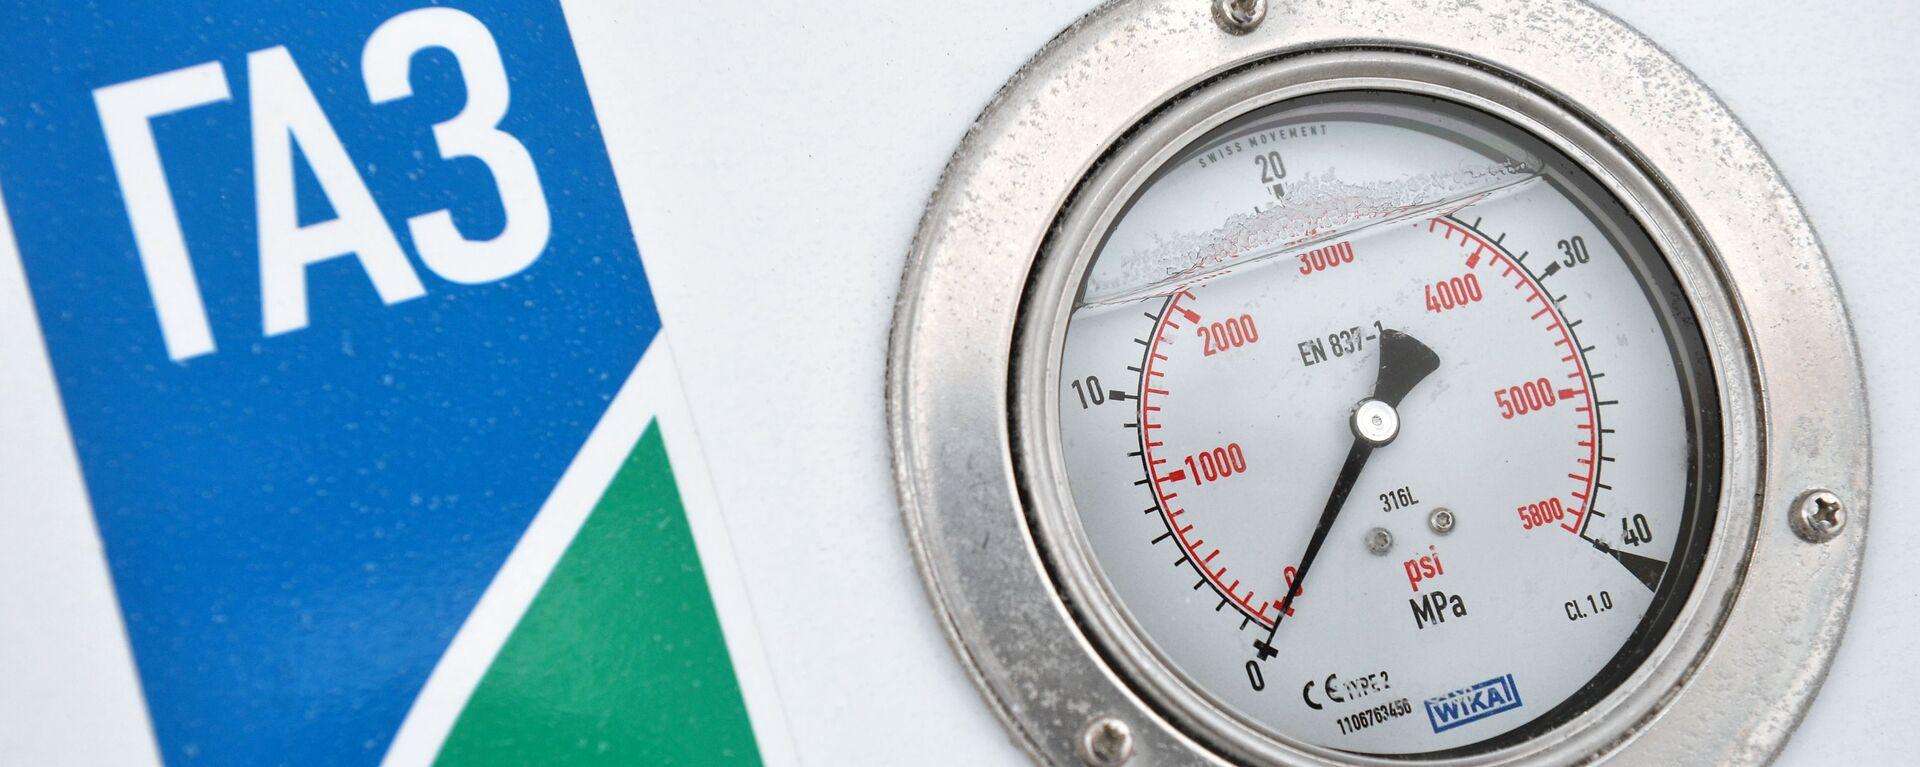 Манометр на заправочной колонке газозаправочной станции - Sputnik Таджикистан, 1920, 25.02.2021